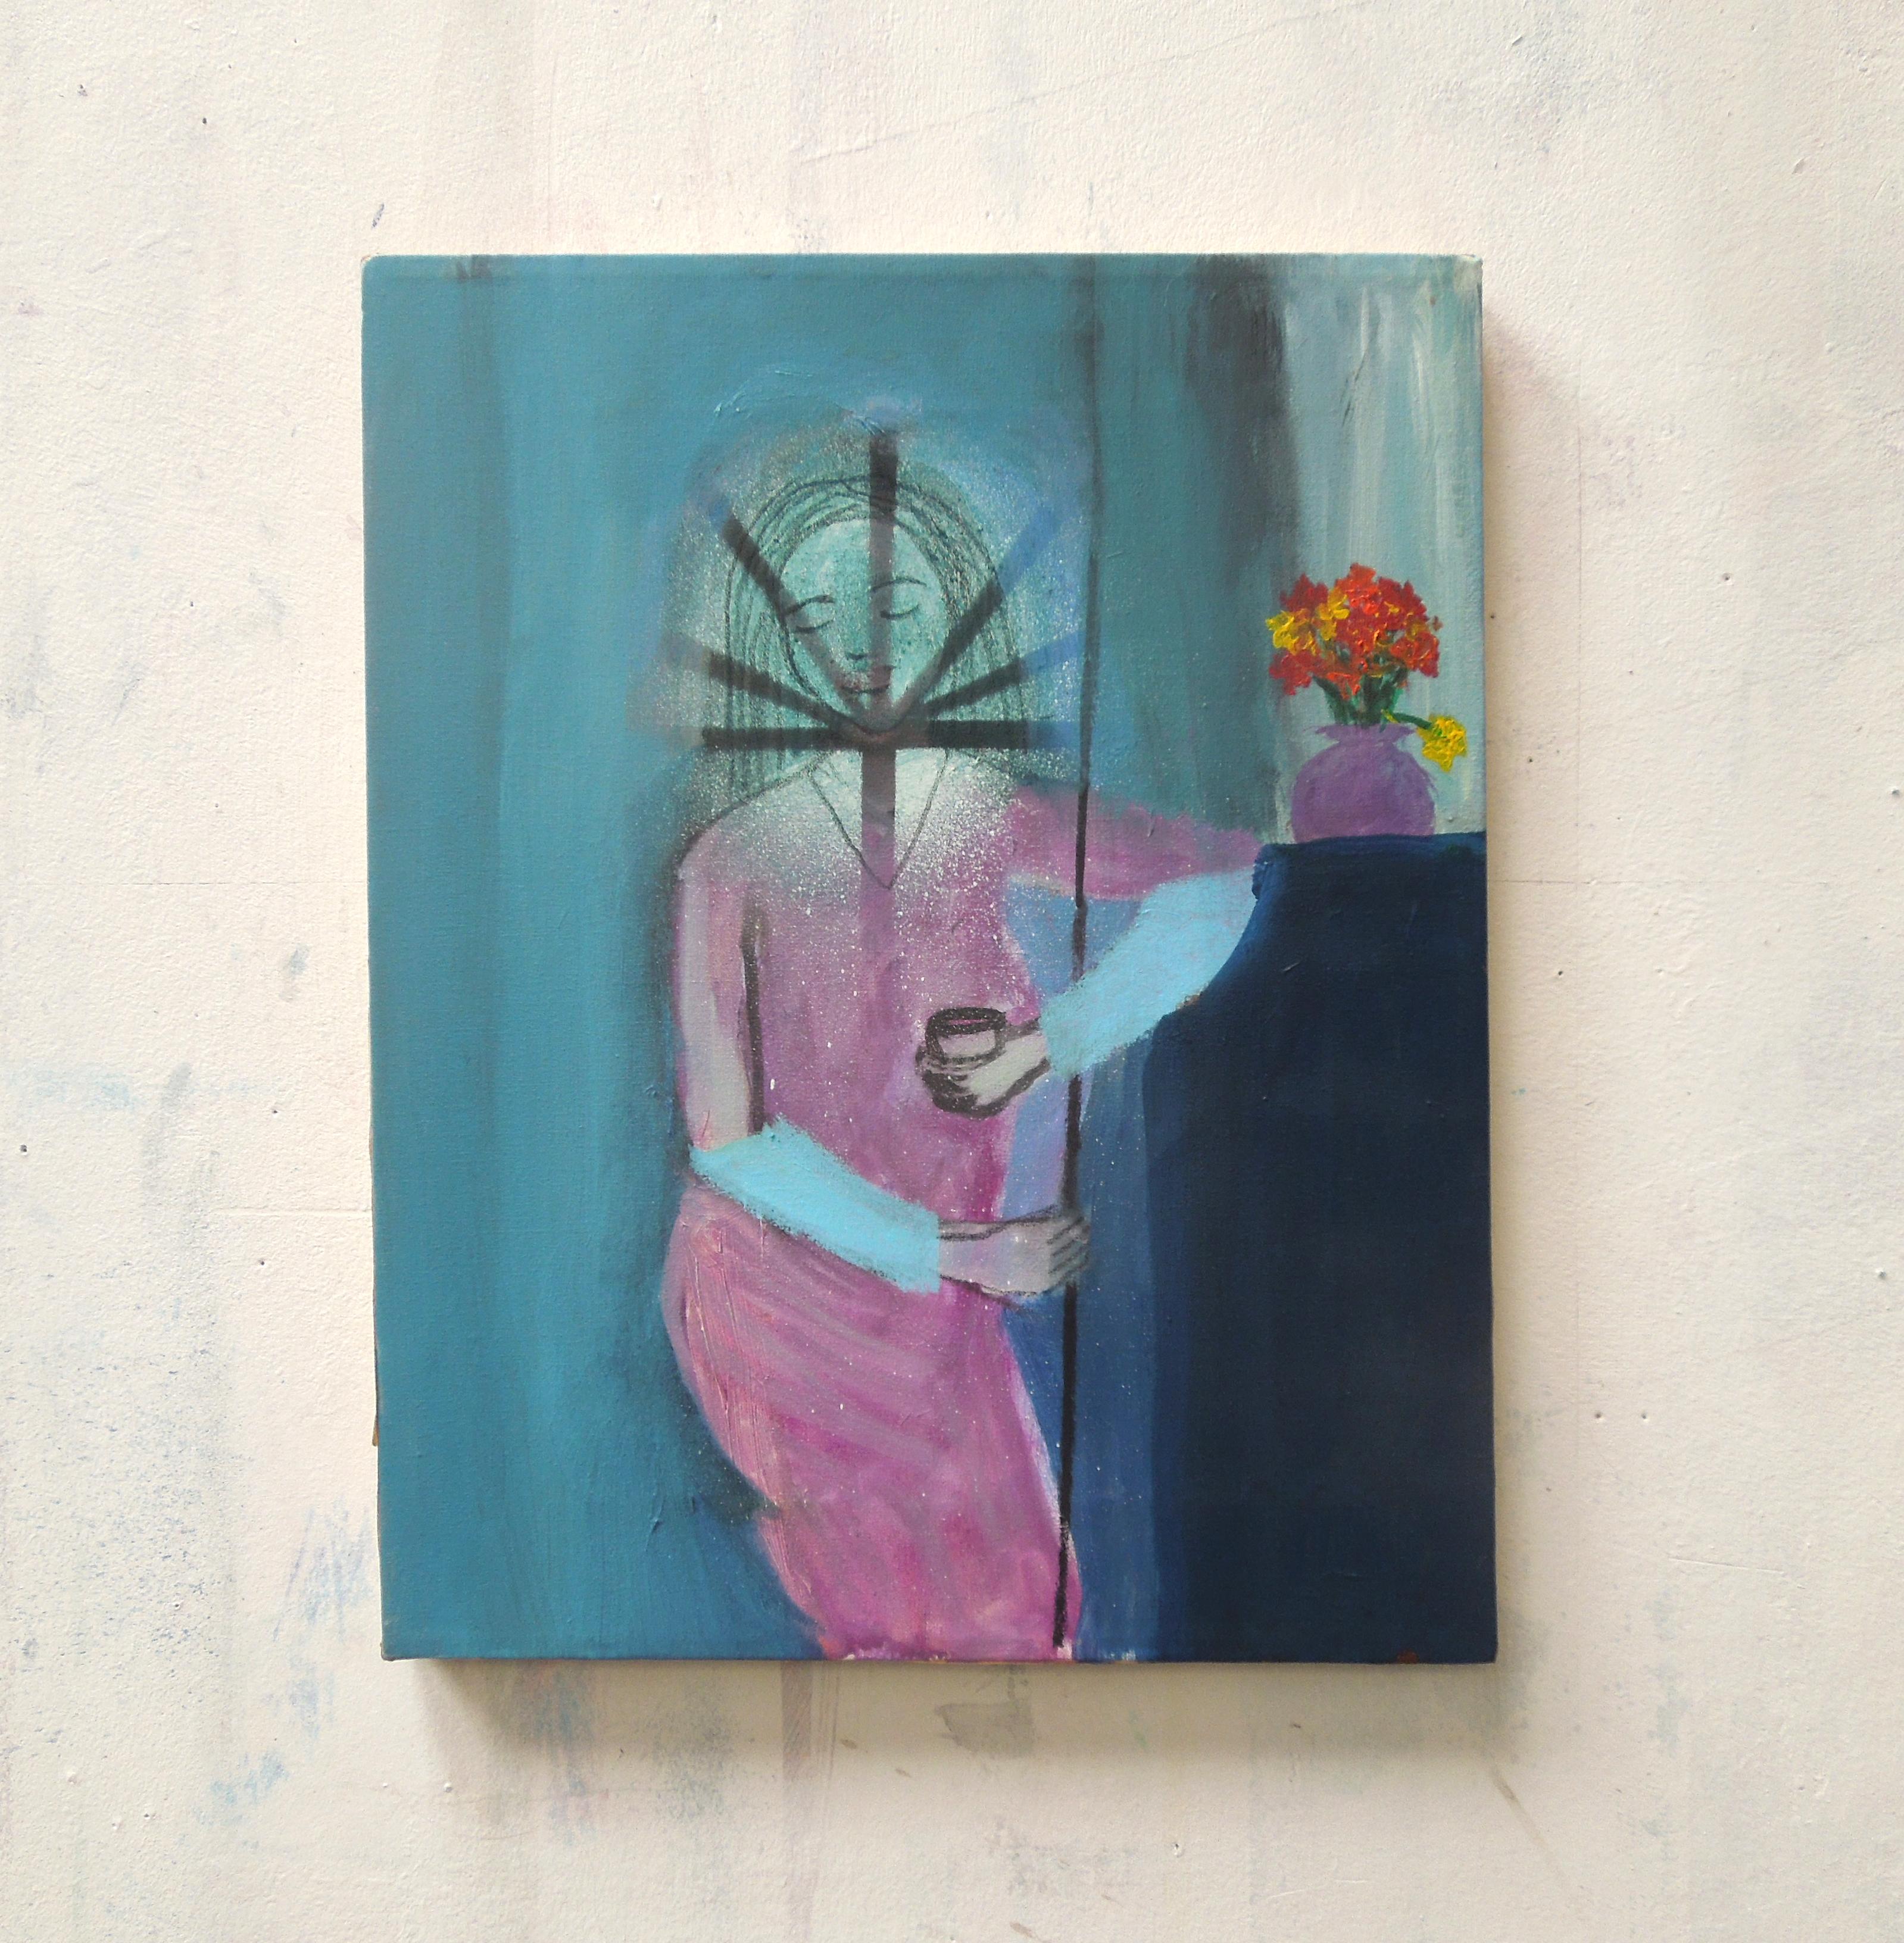 Lady with glass (36x28cm)